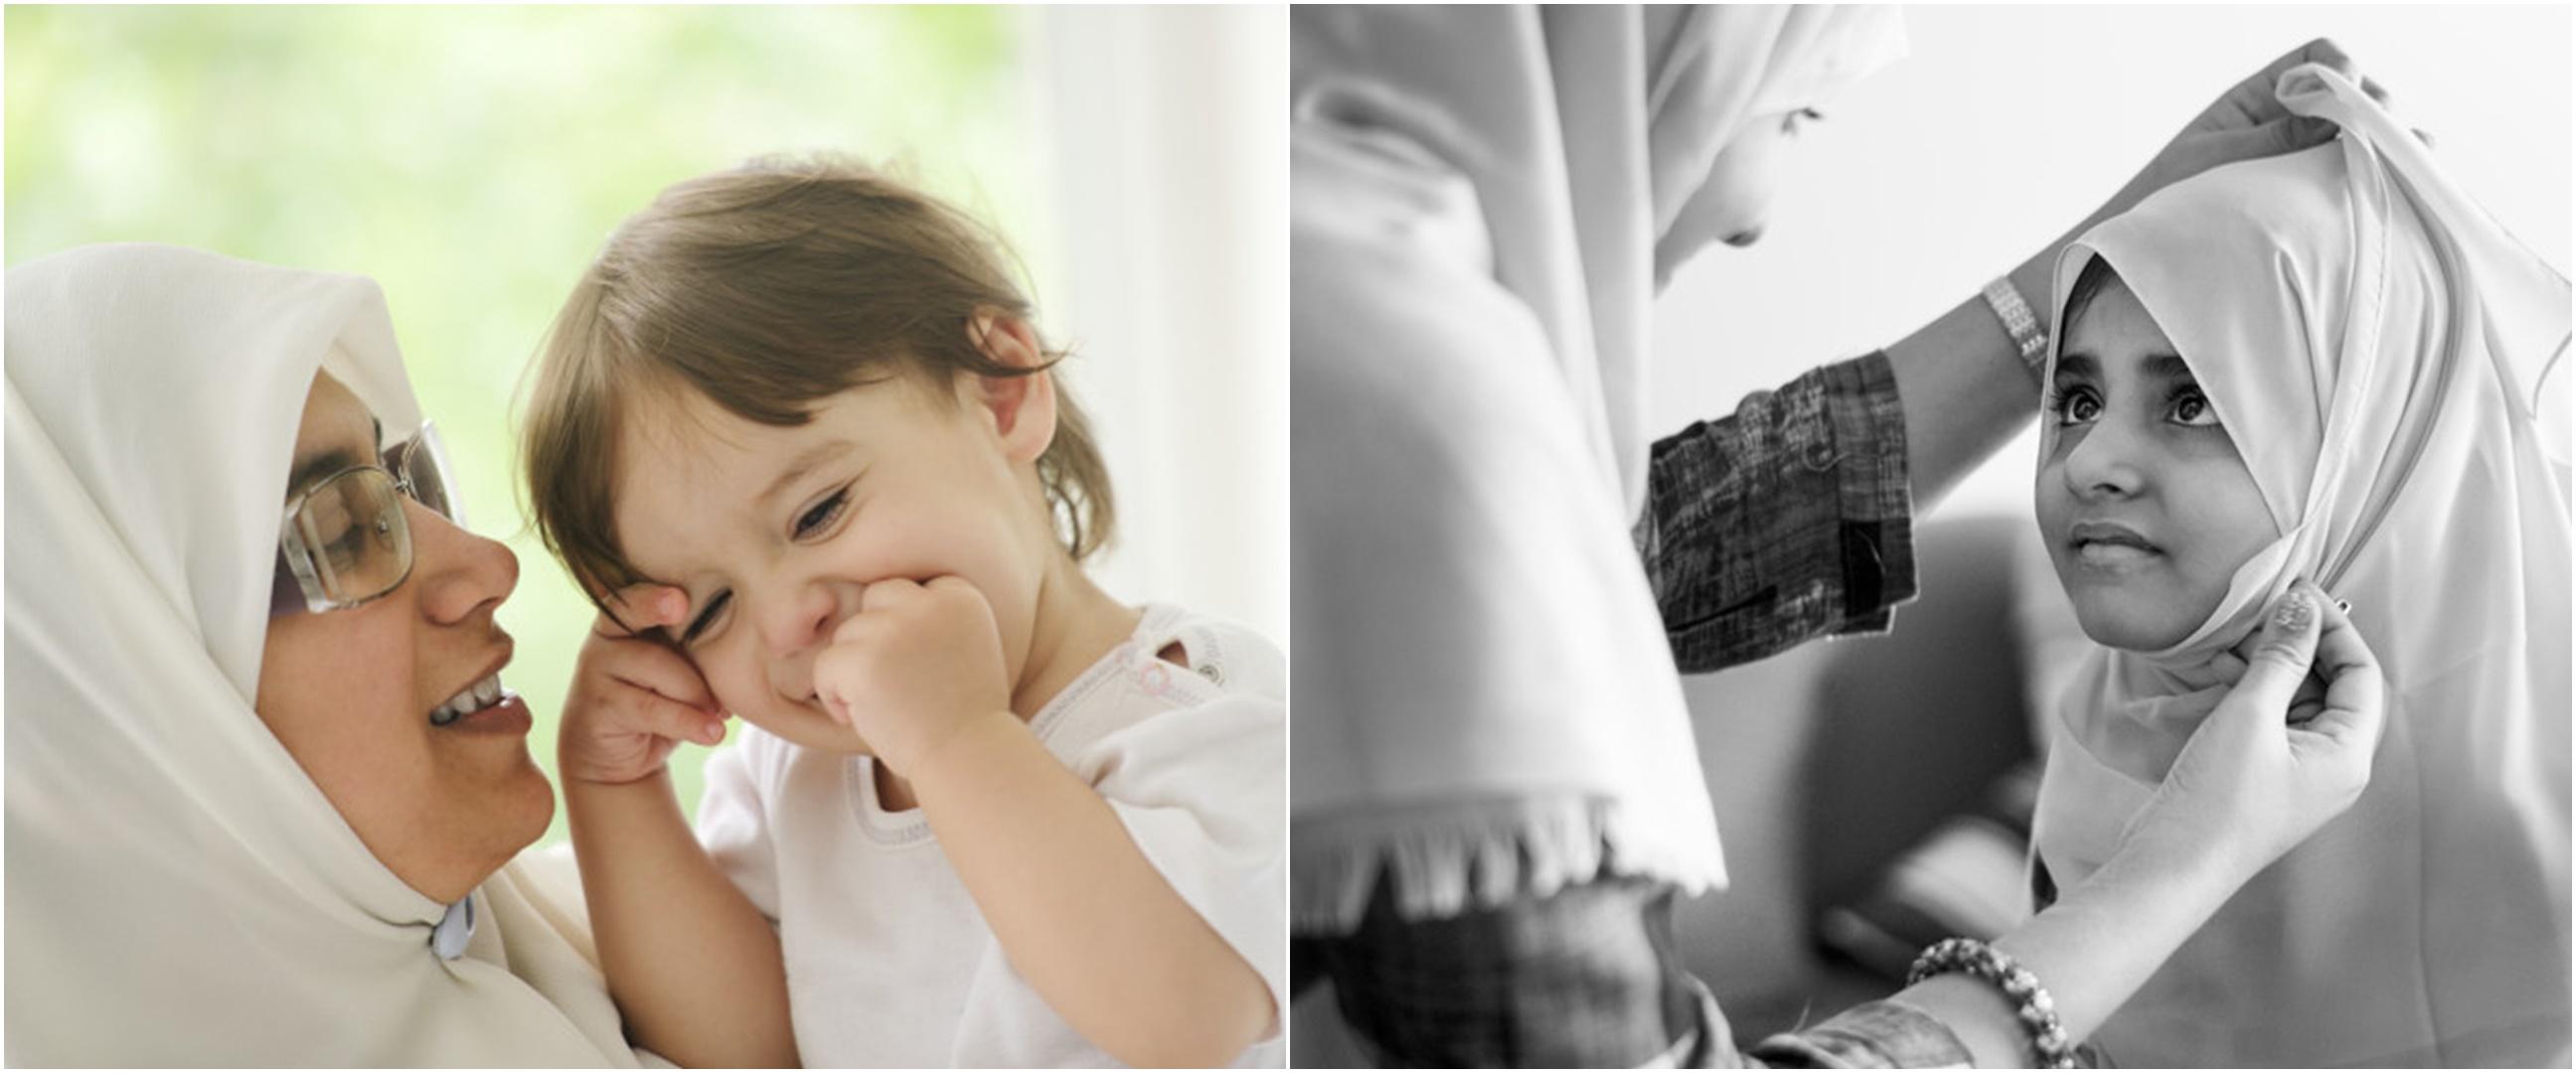 Doa orangtua untuk keberhasilan anak